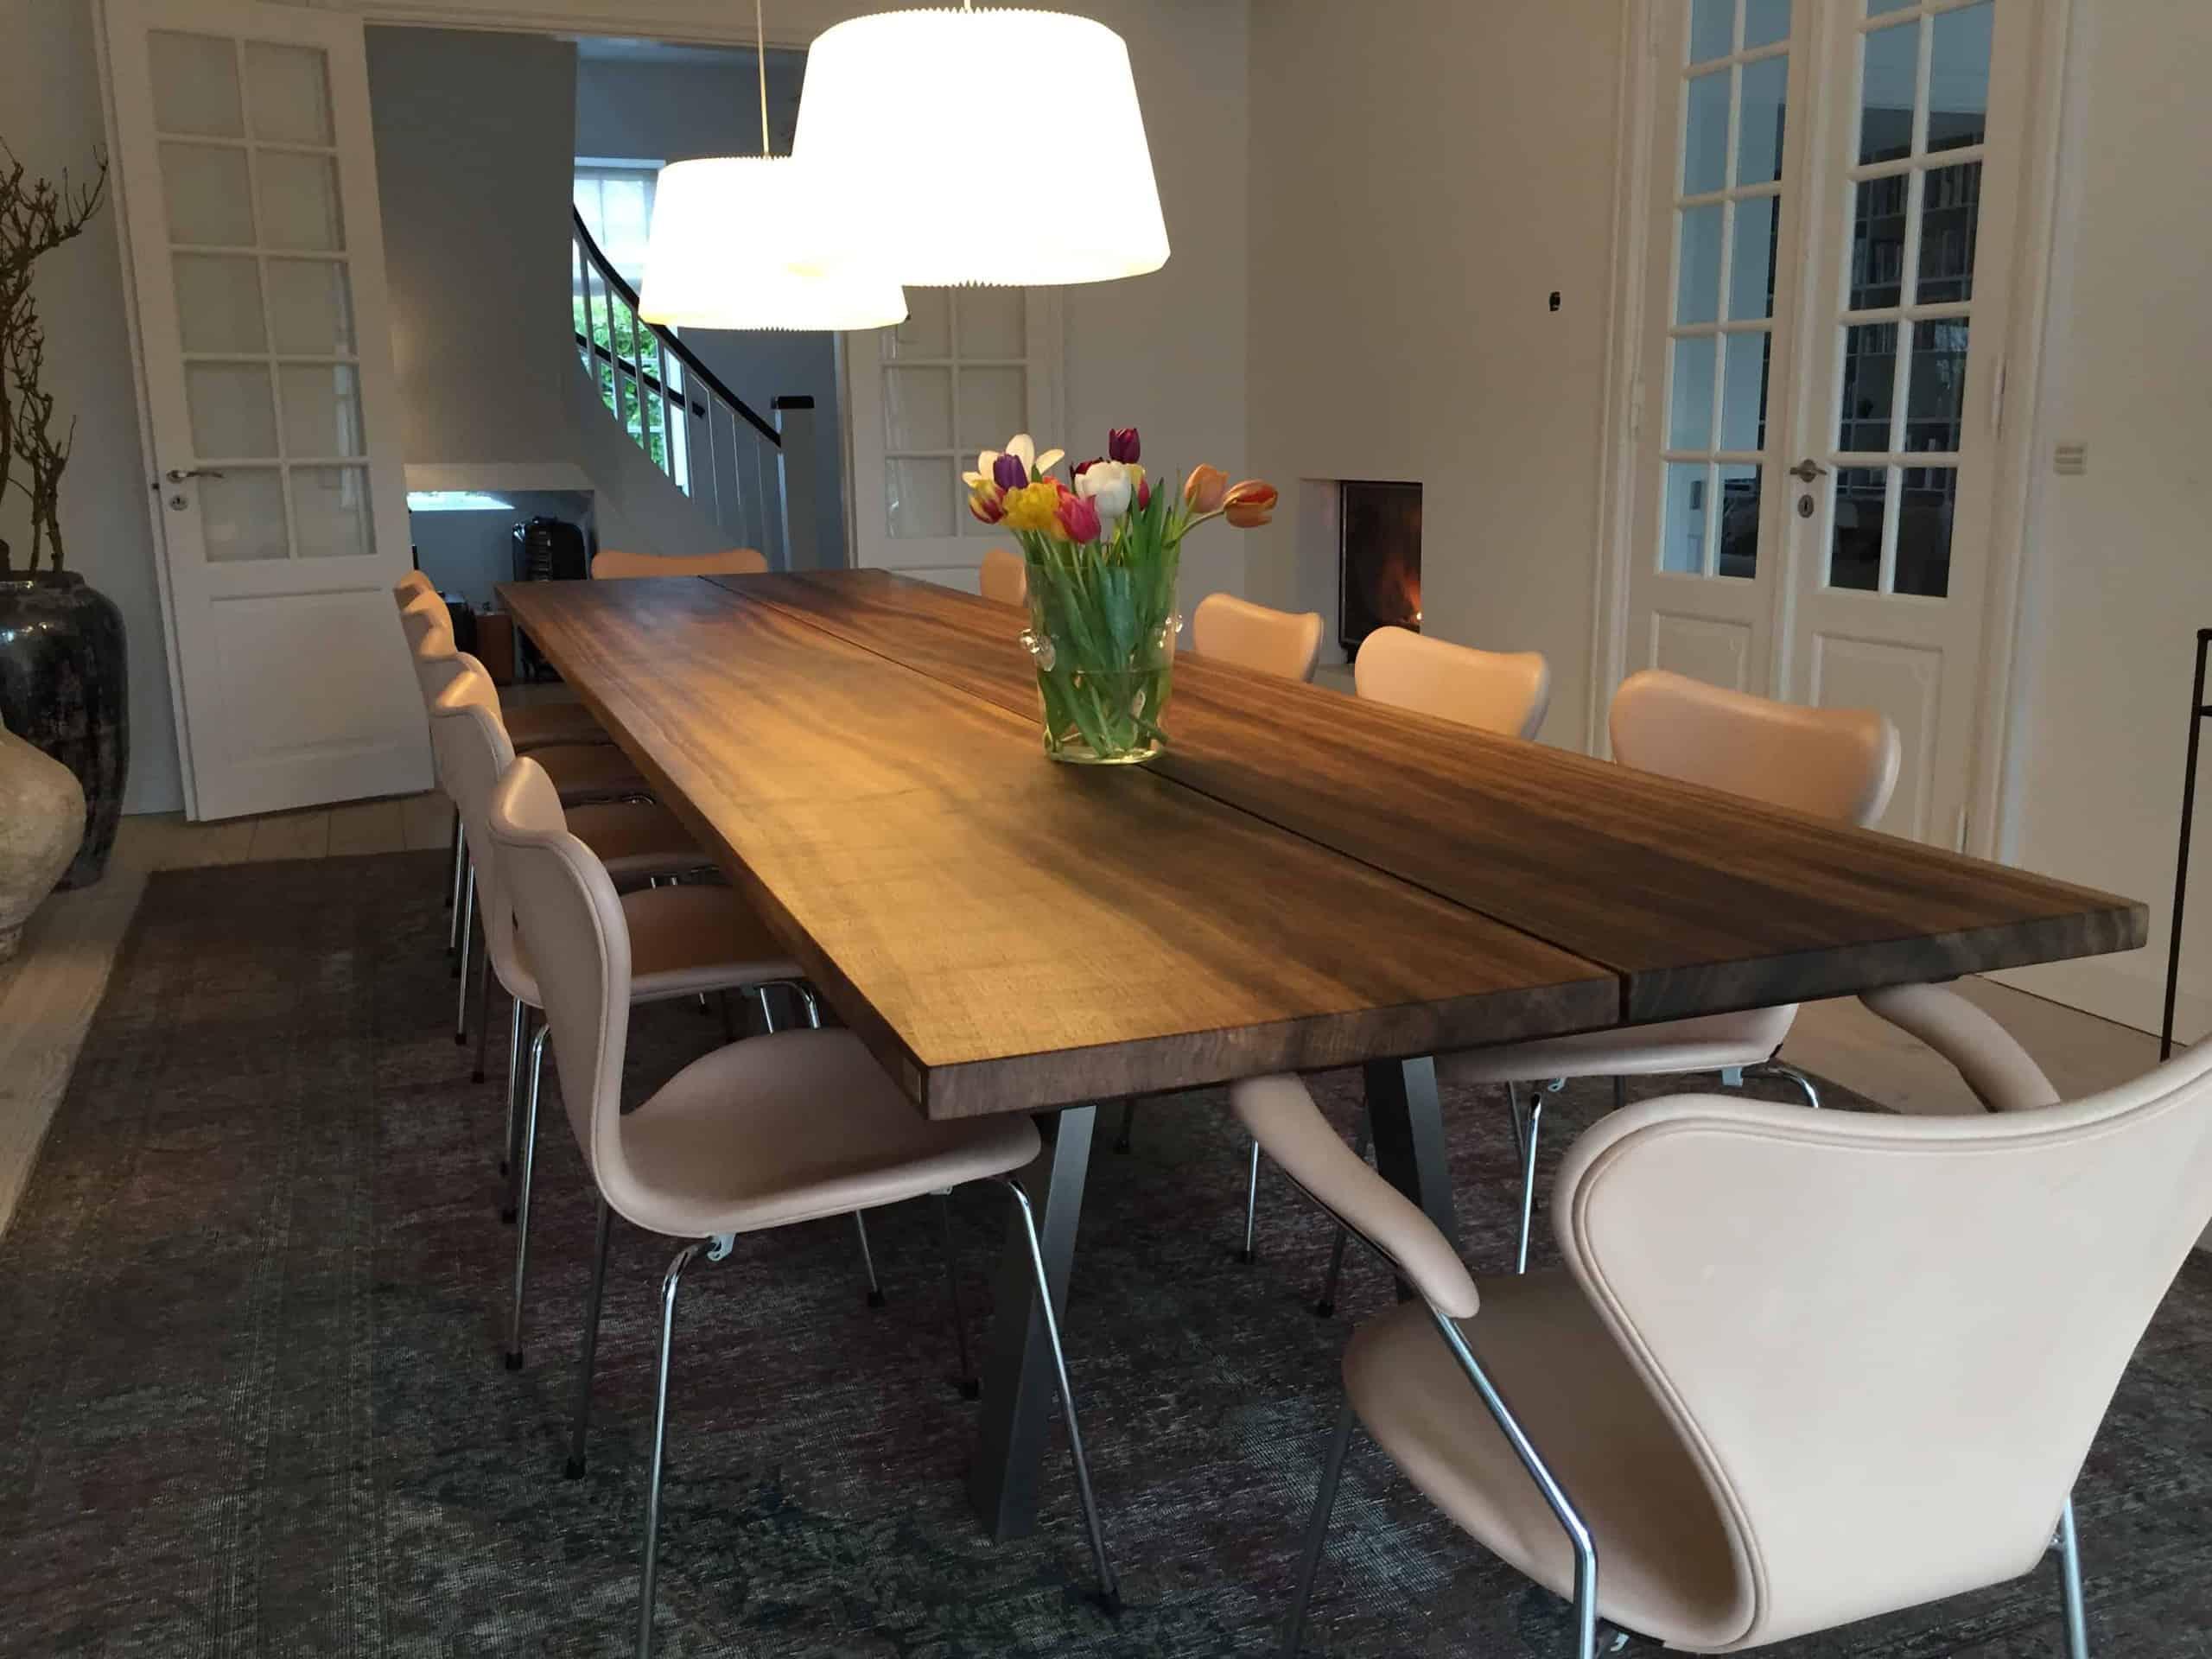 mørkt egetræsbord med lyse stole